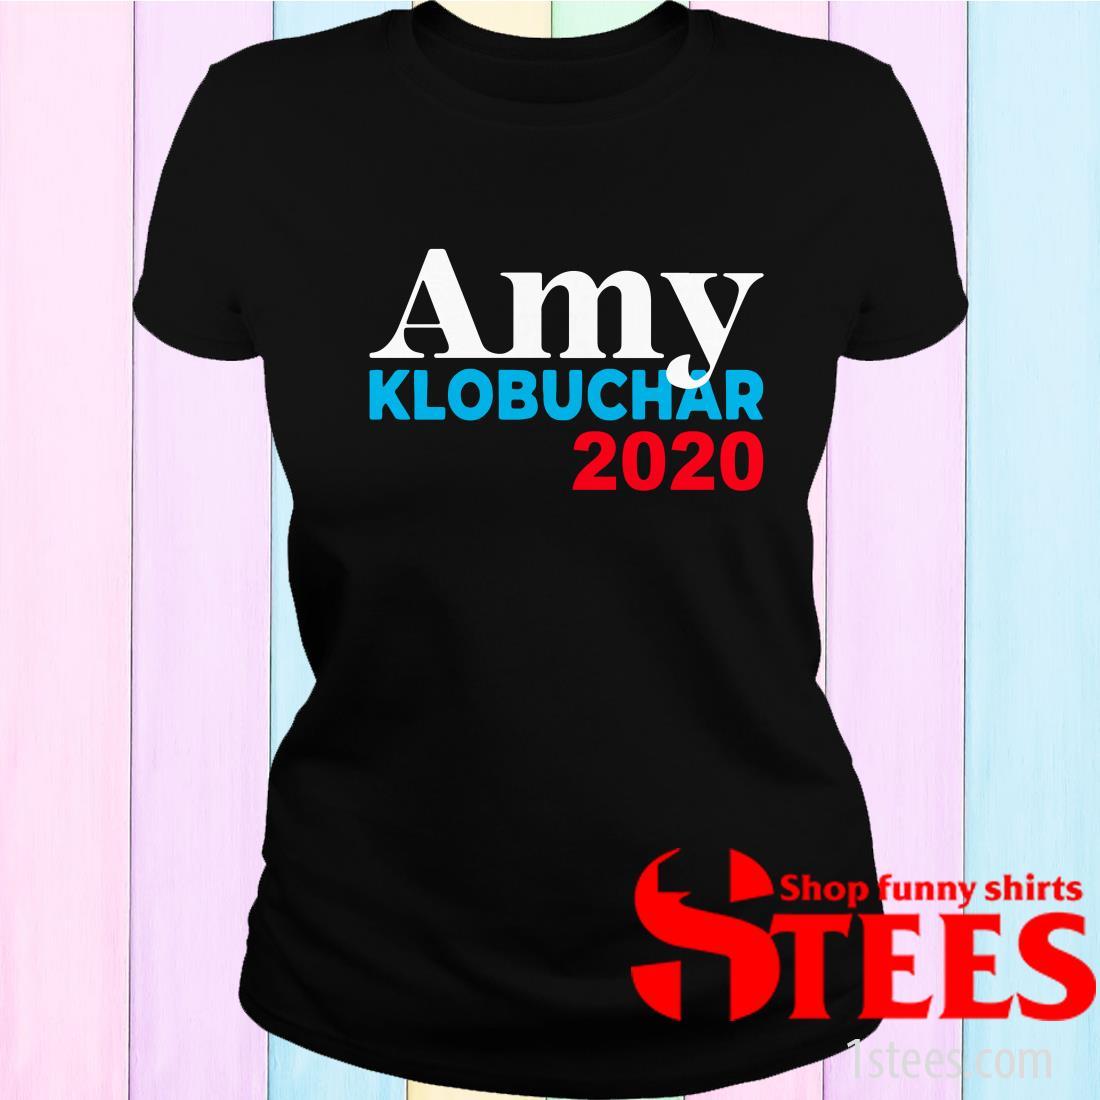 Amy Klobuchar 2020 Women's T-Shirt